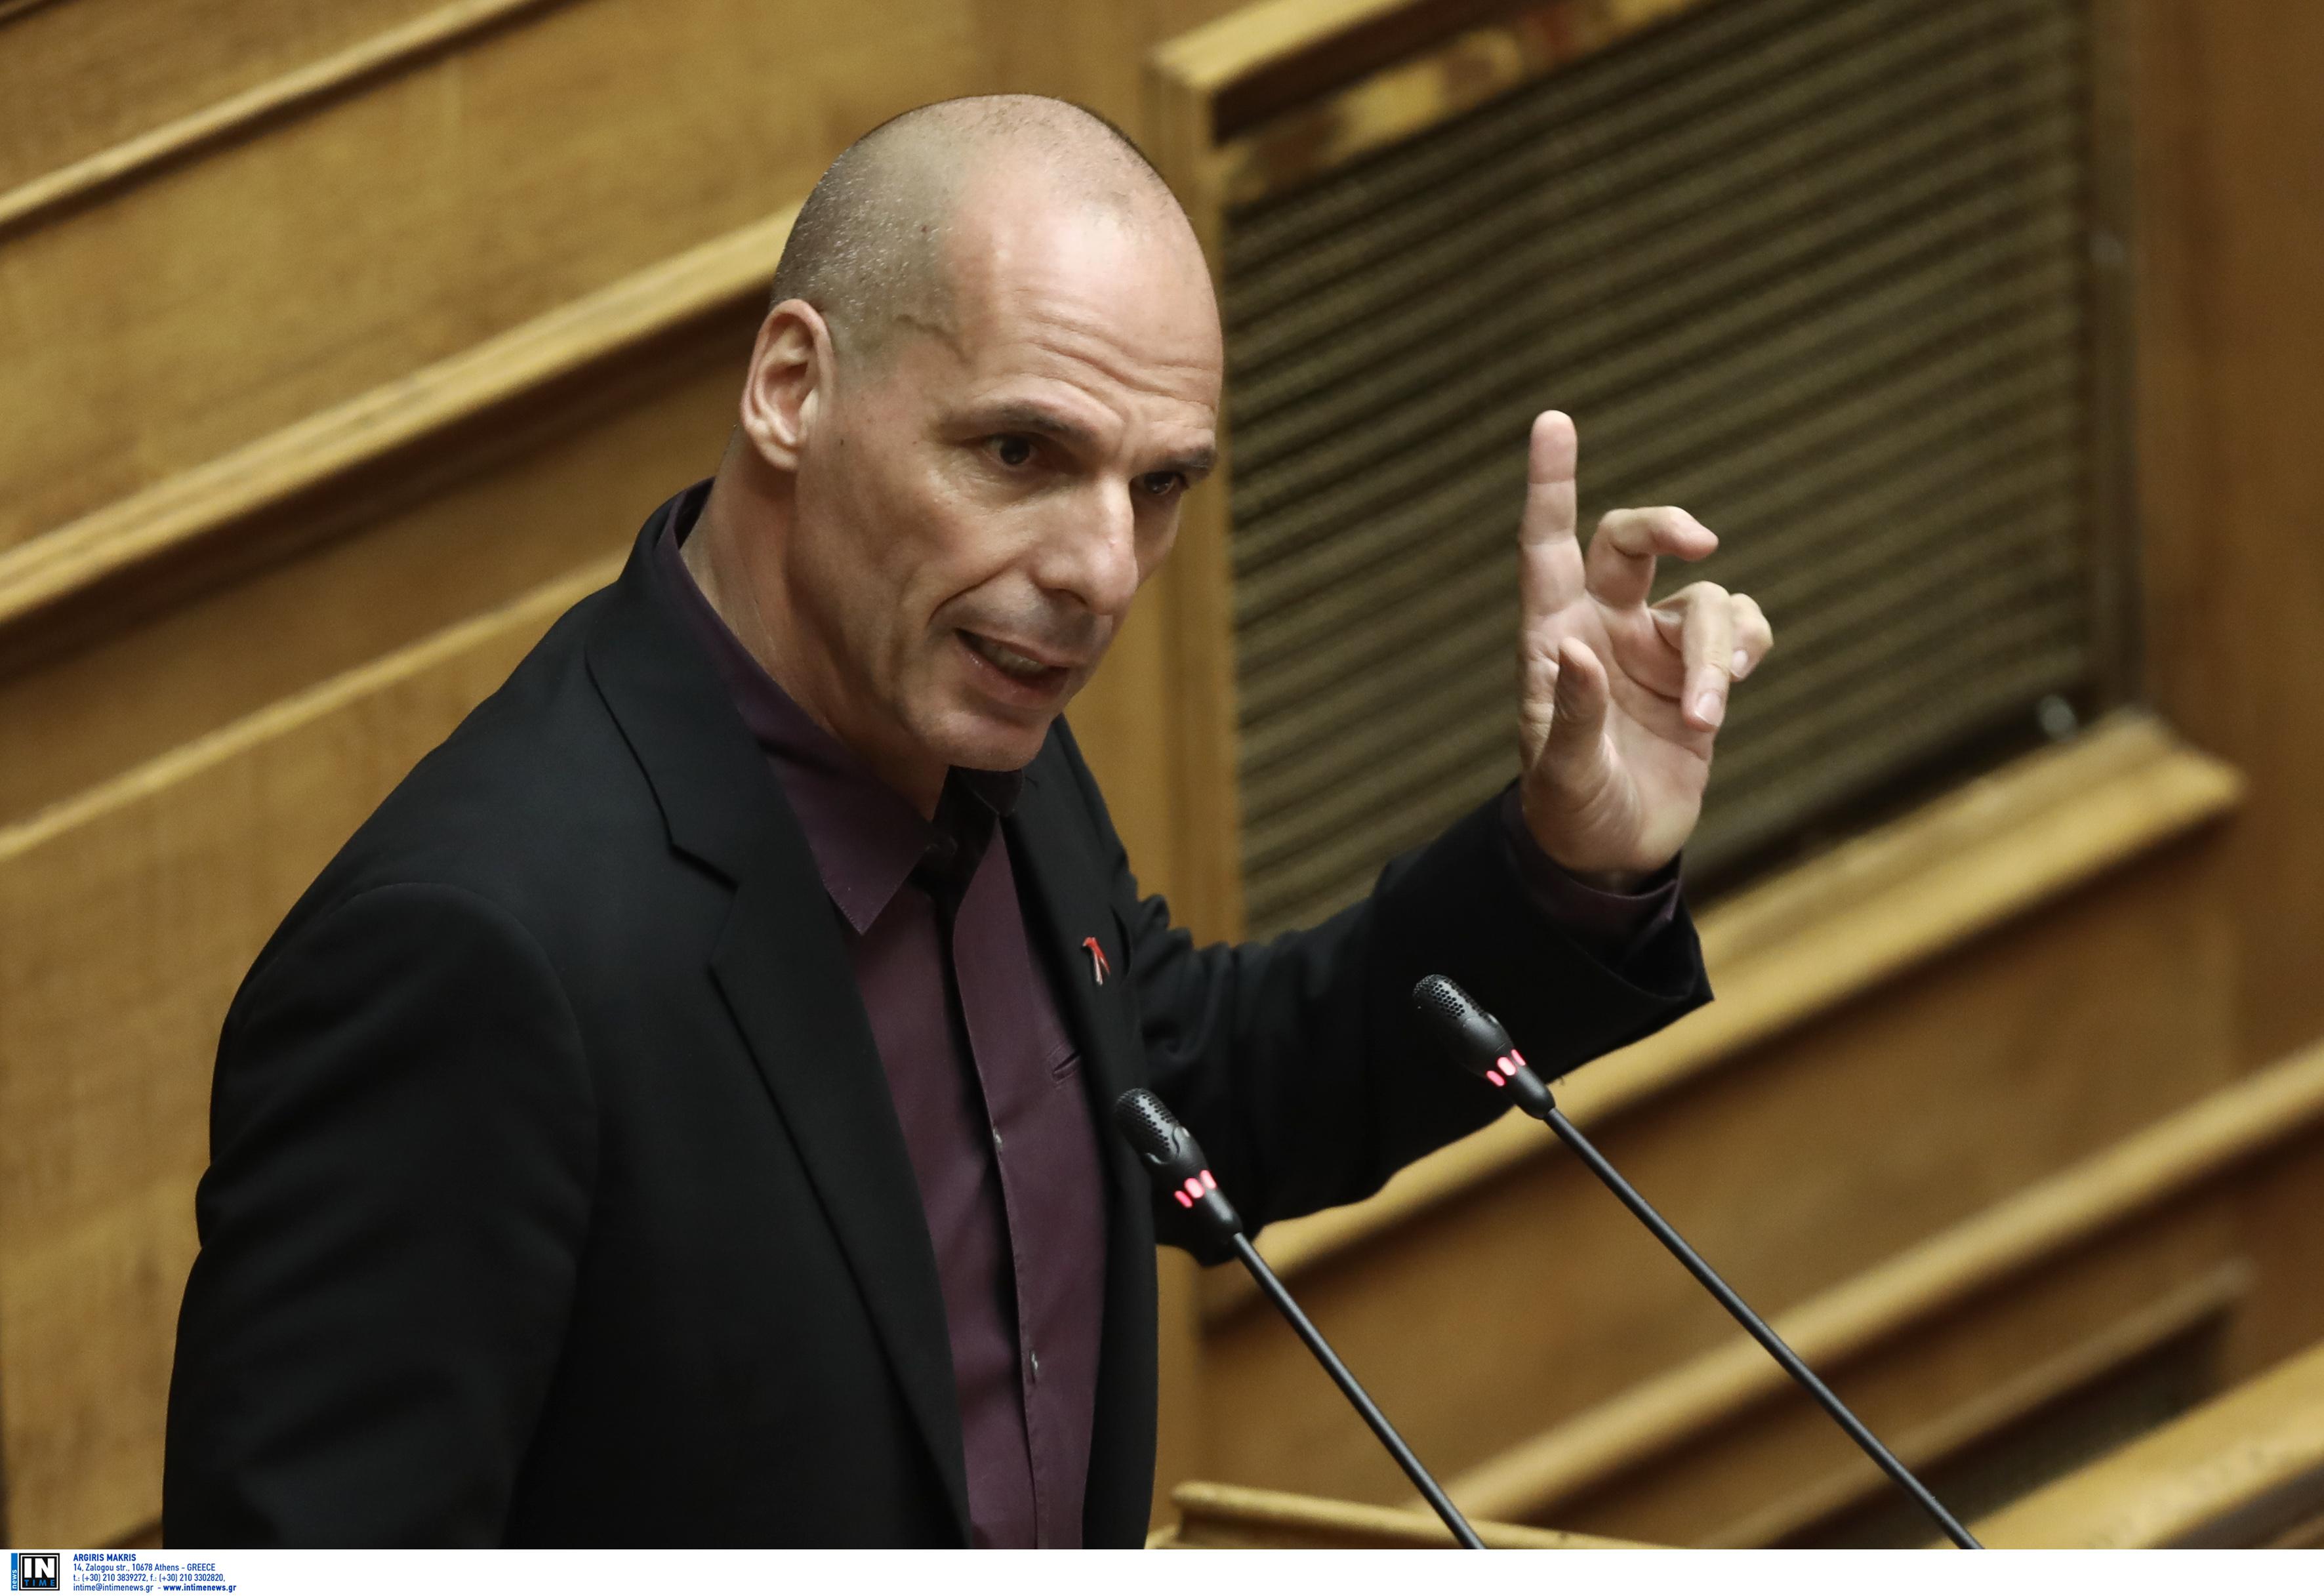 Βαρουφάκης: Η Βουλή μετατρέπεται σε ένα άθλιο υποκατάστατο της εισαγγελικής αρχής